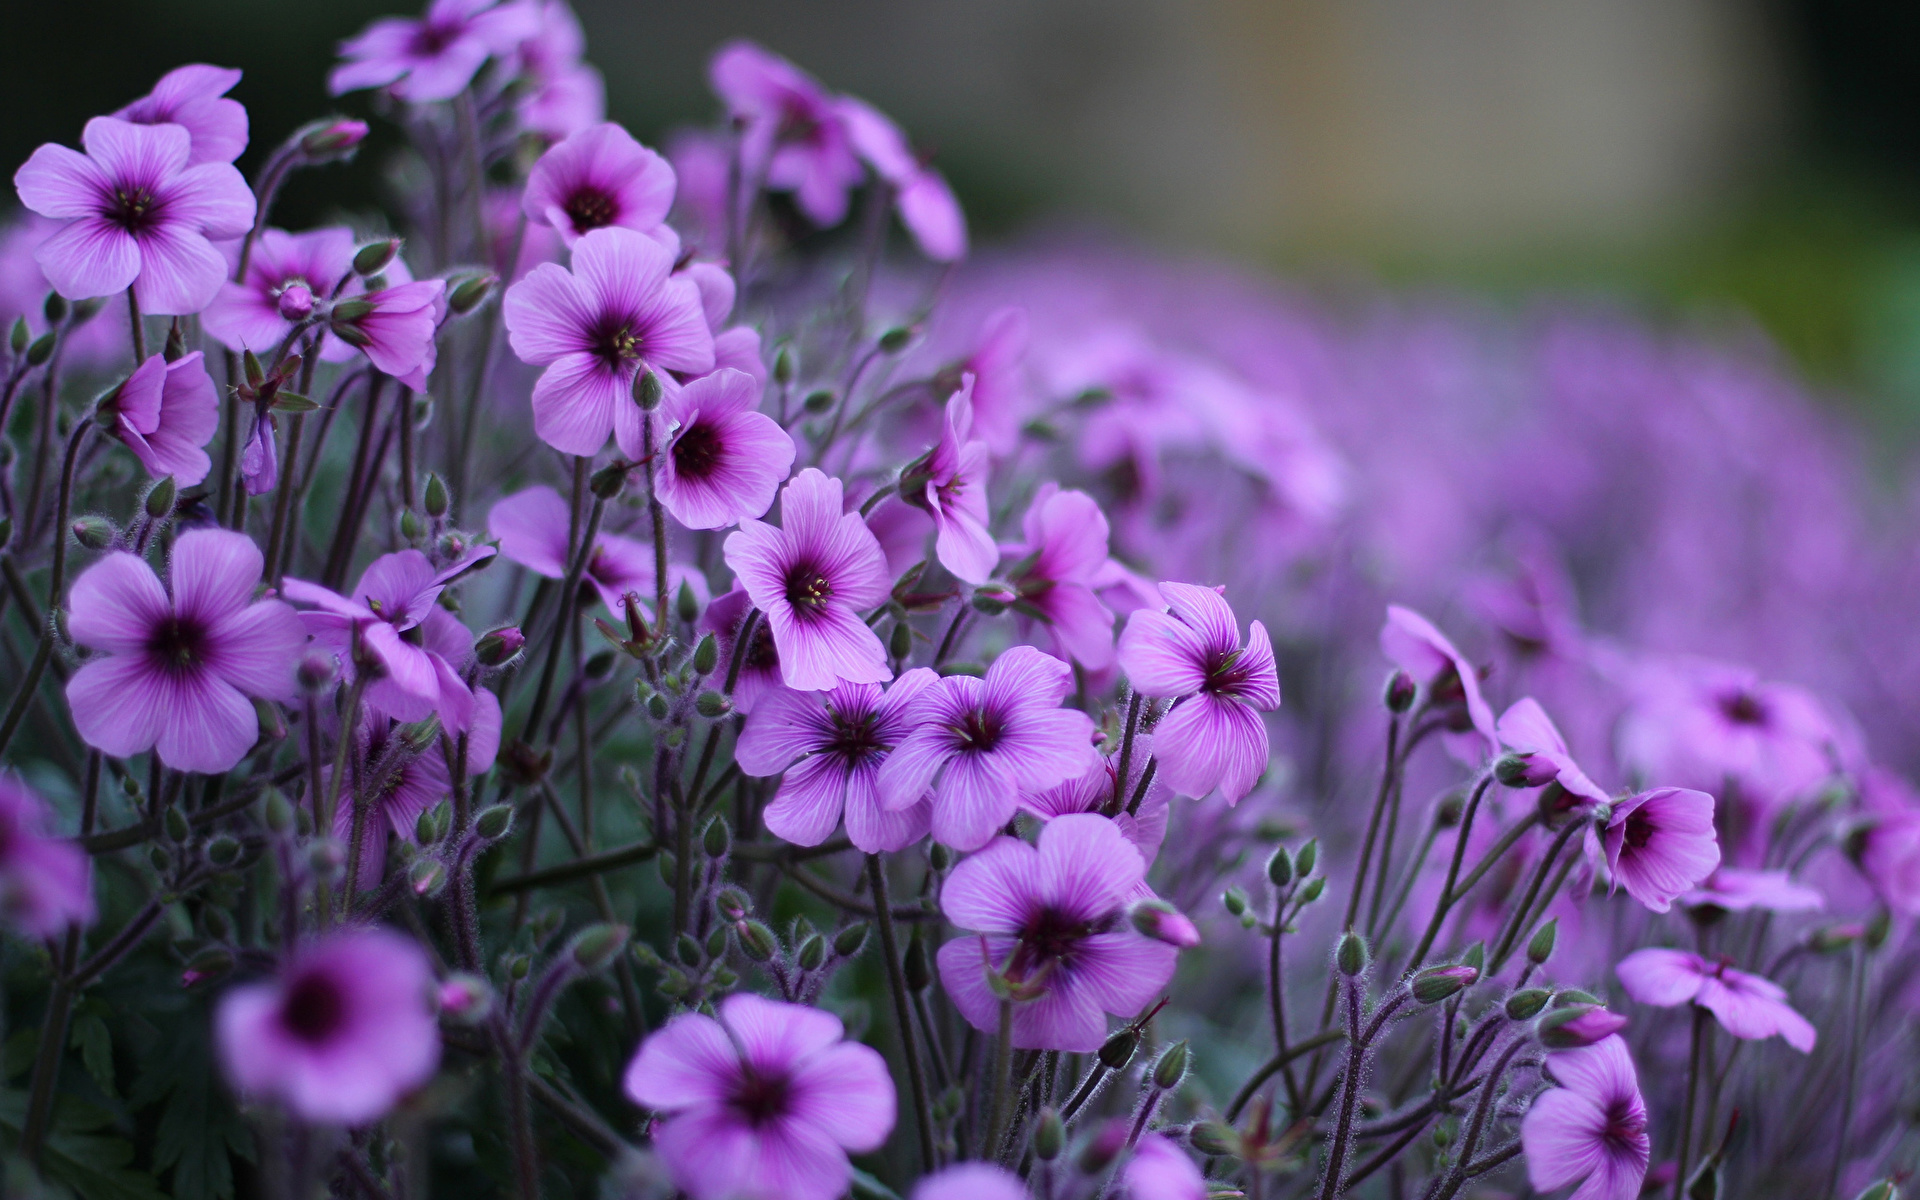 Flower - HD1680×1050